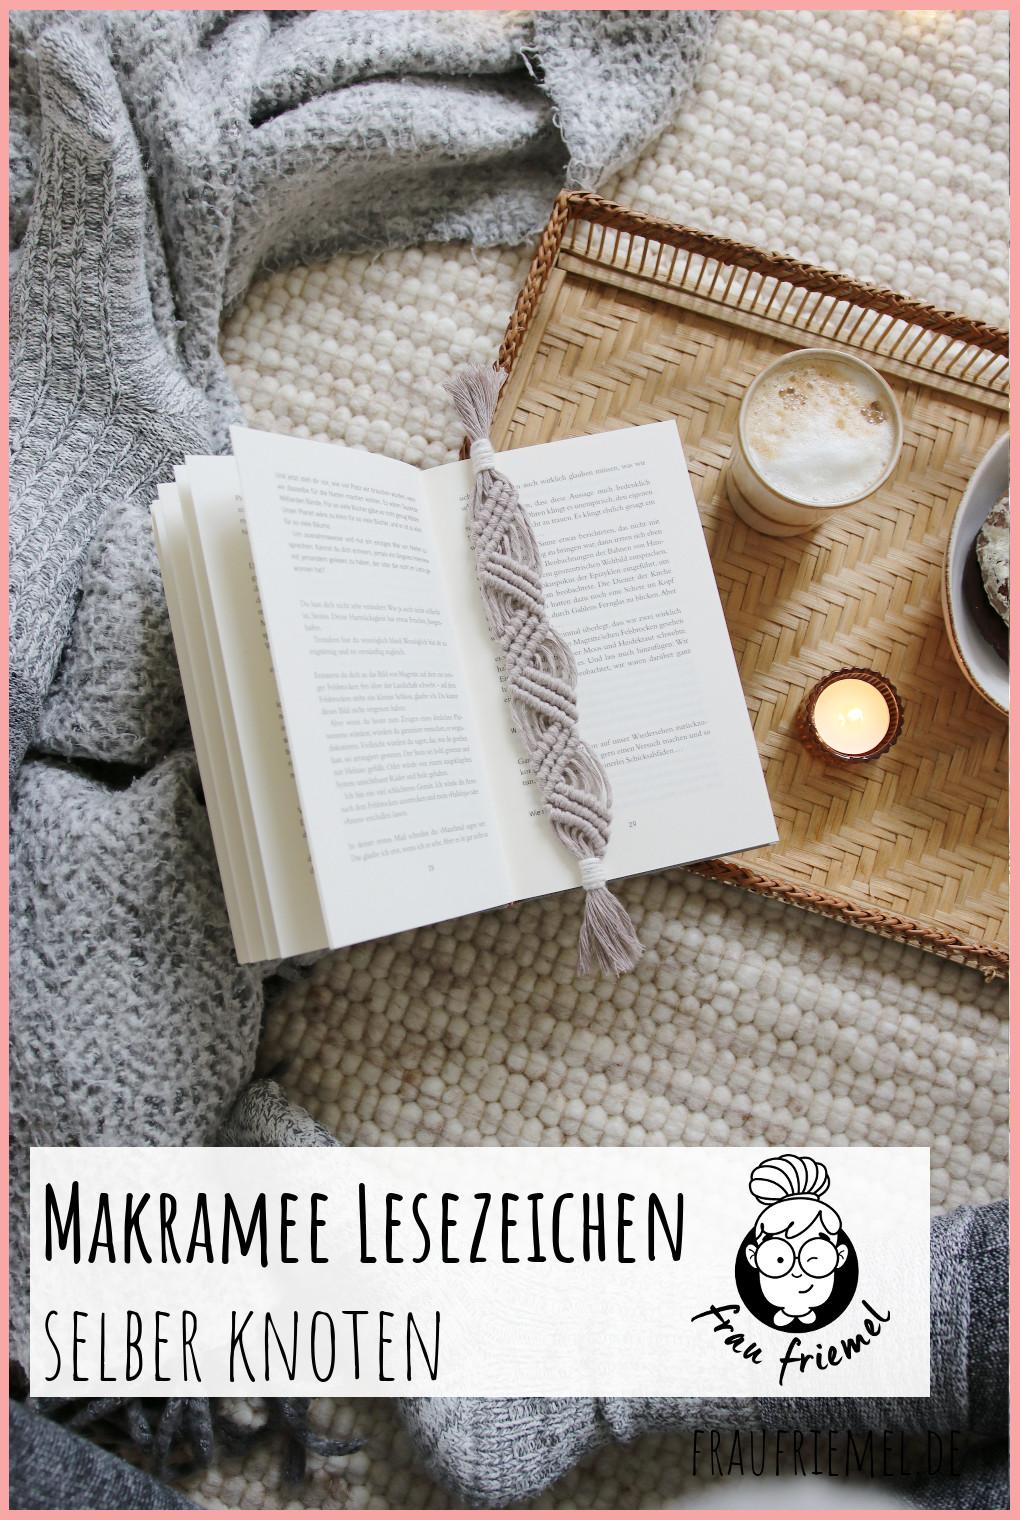 Makramee Lesezeichen auf Pinterest merken